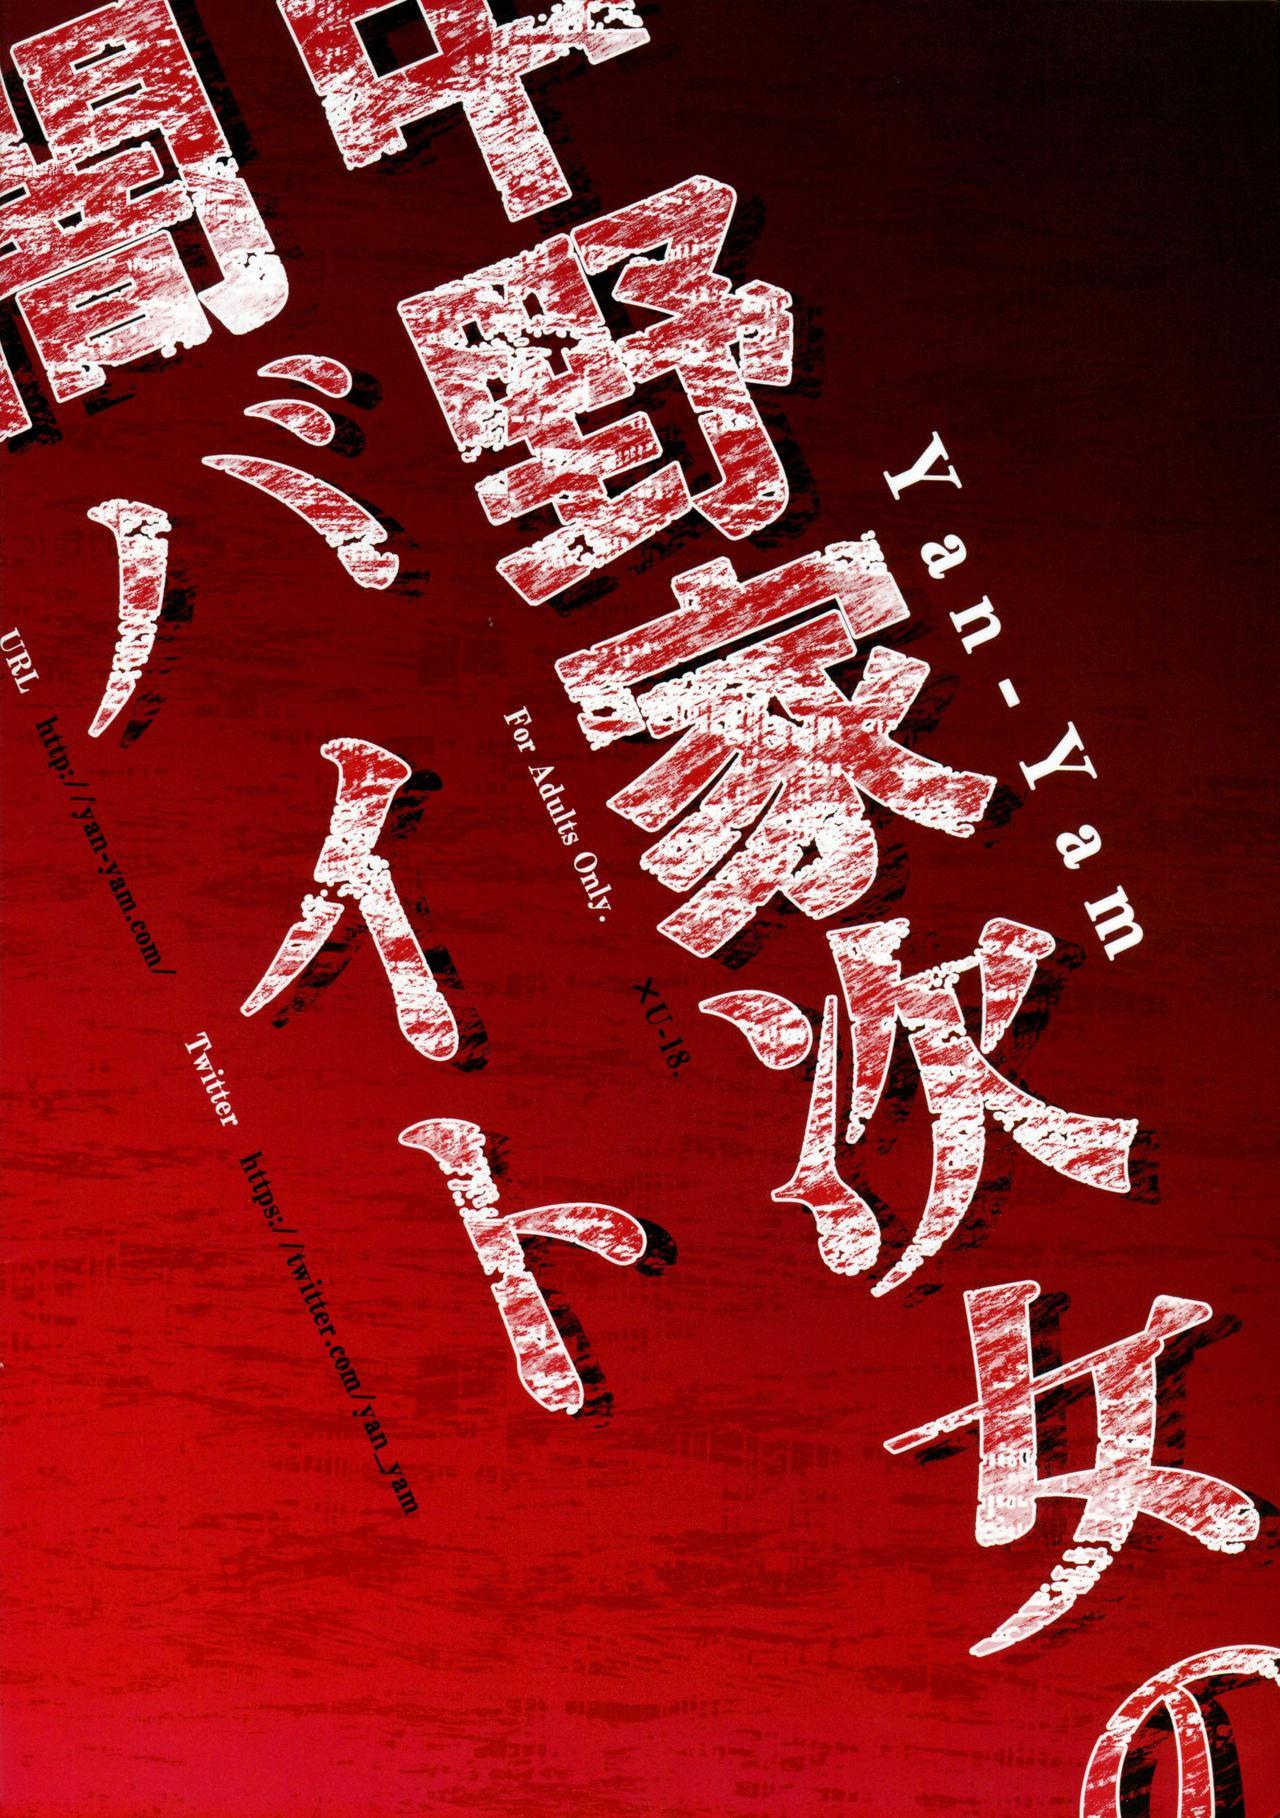 Nakano-ke Jijo no Yamibaito 21